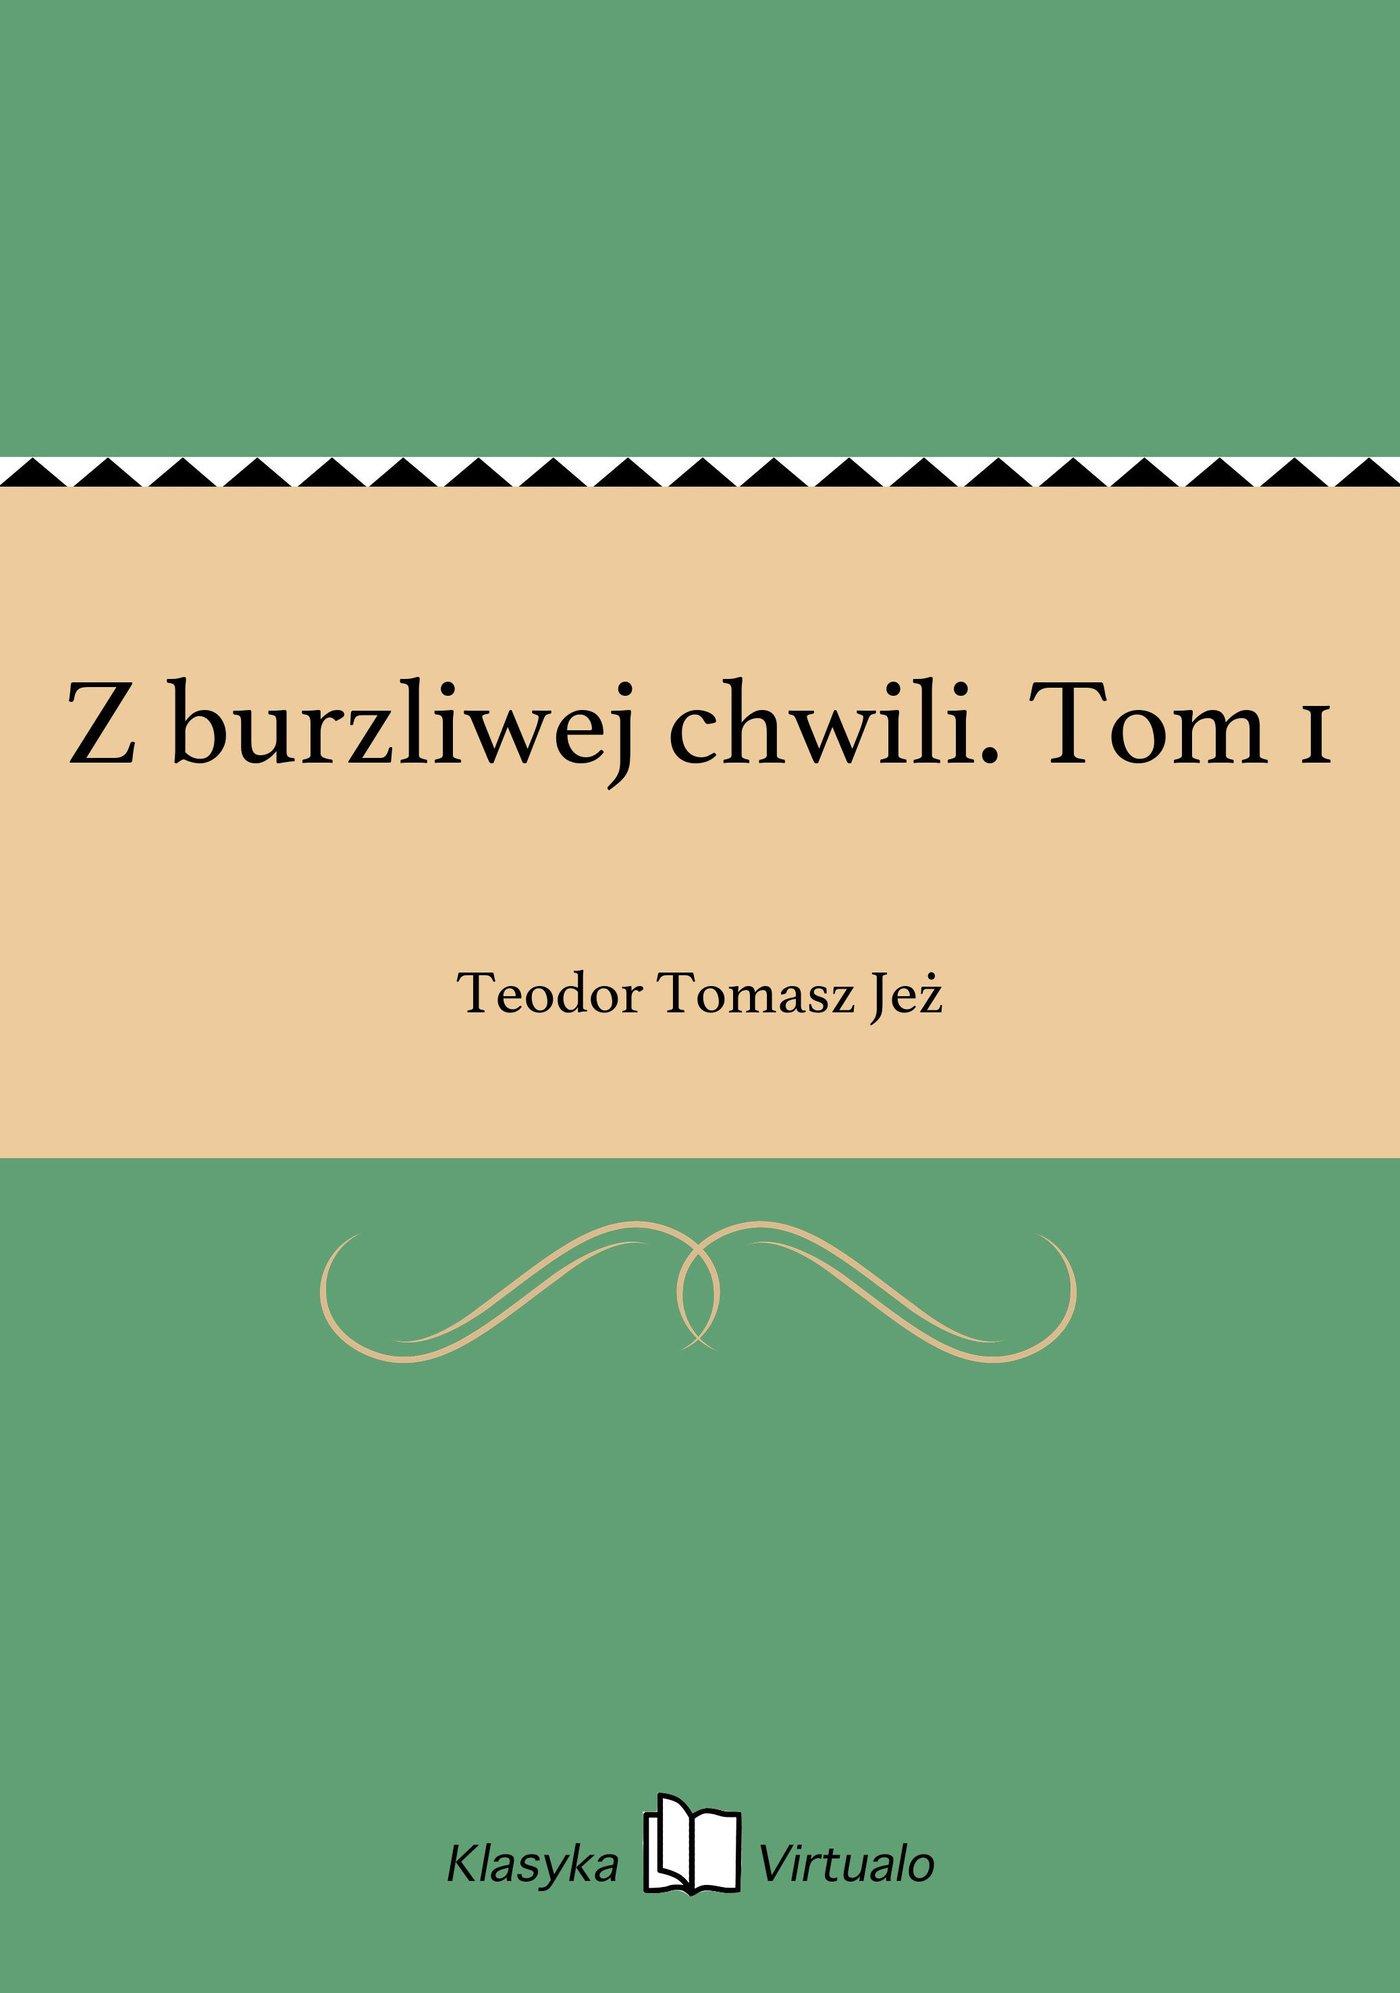 Z burzliwej chwili. Tom 1 - Ebook (Książka na Kindle) do pobrania w formacie MOBI